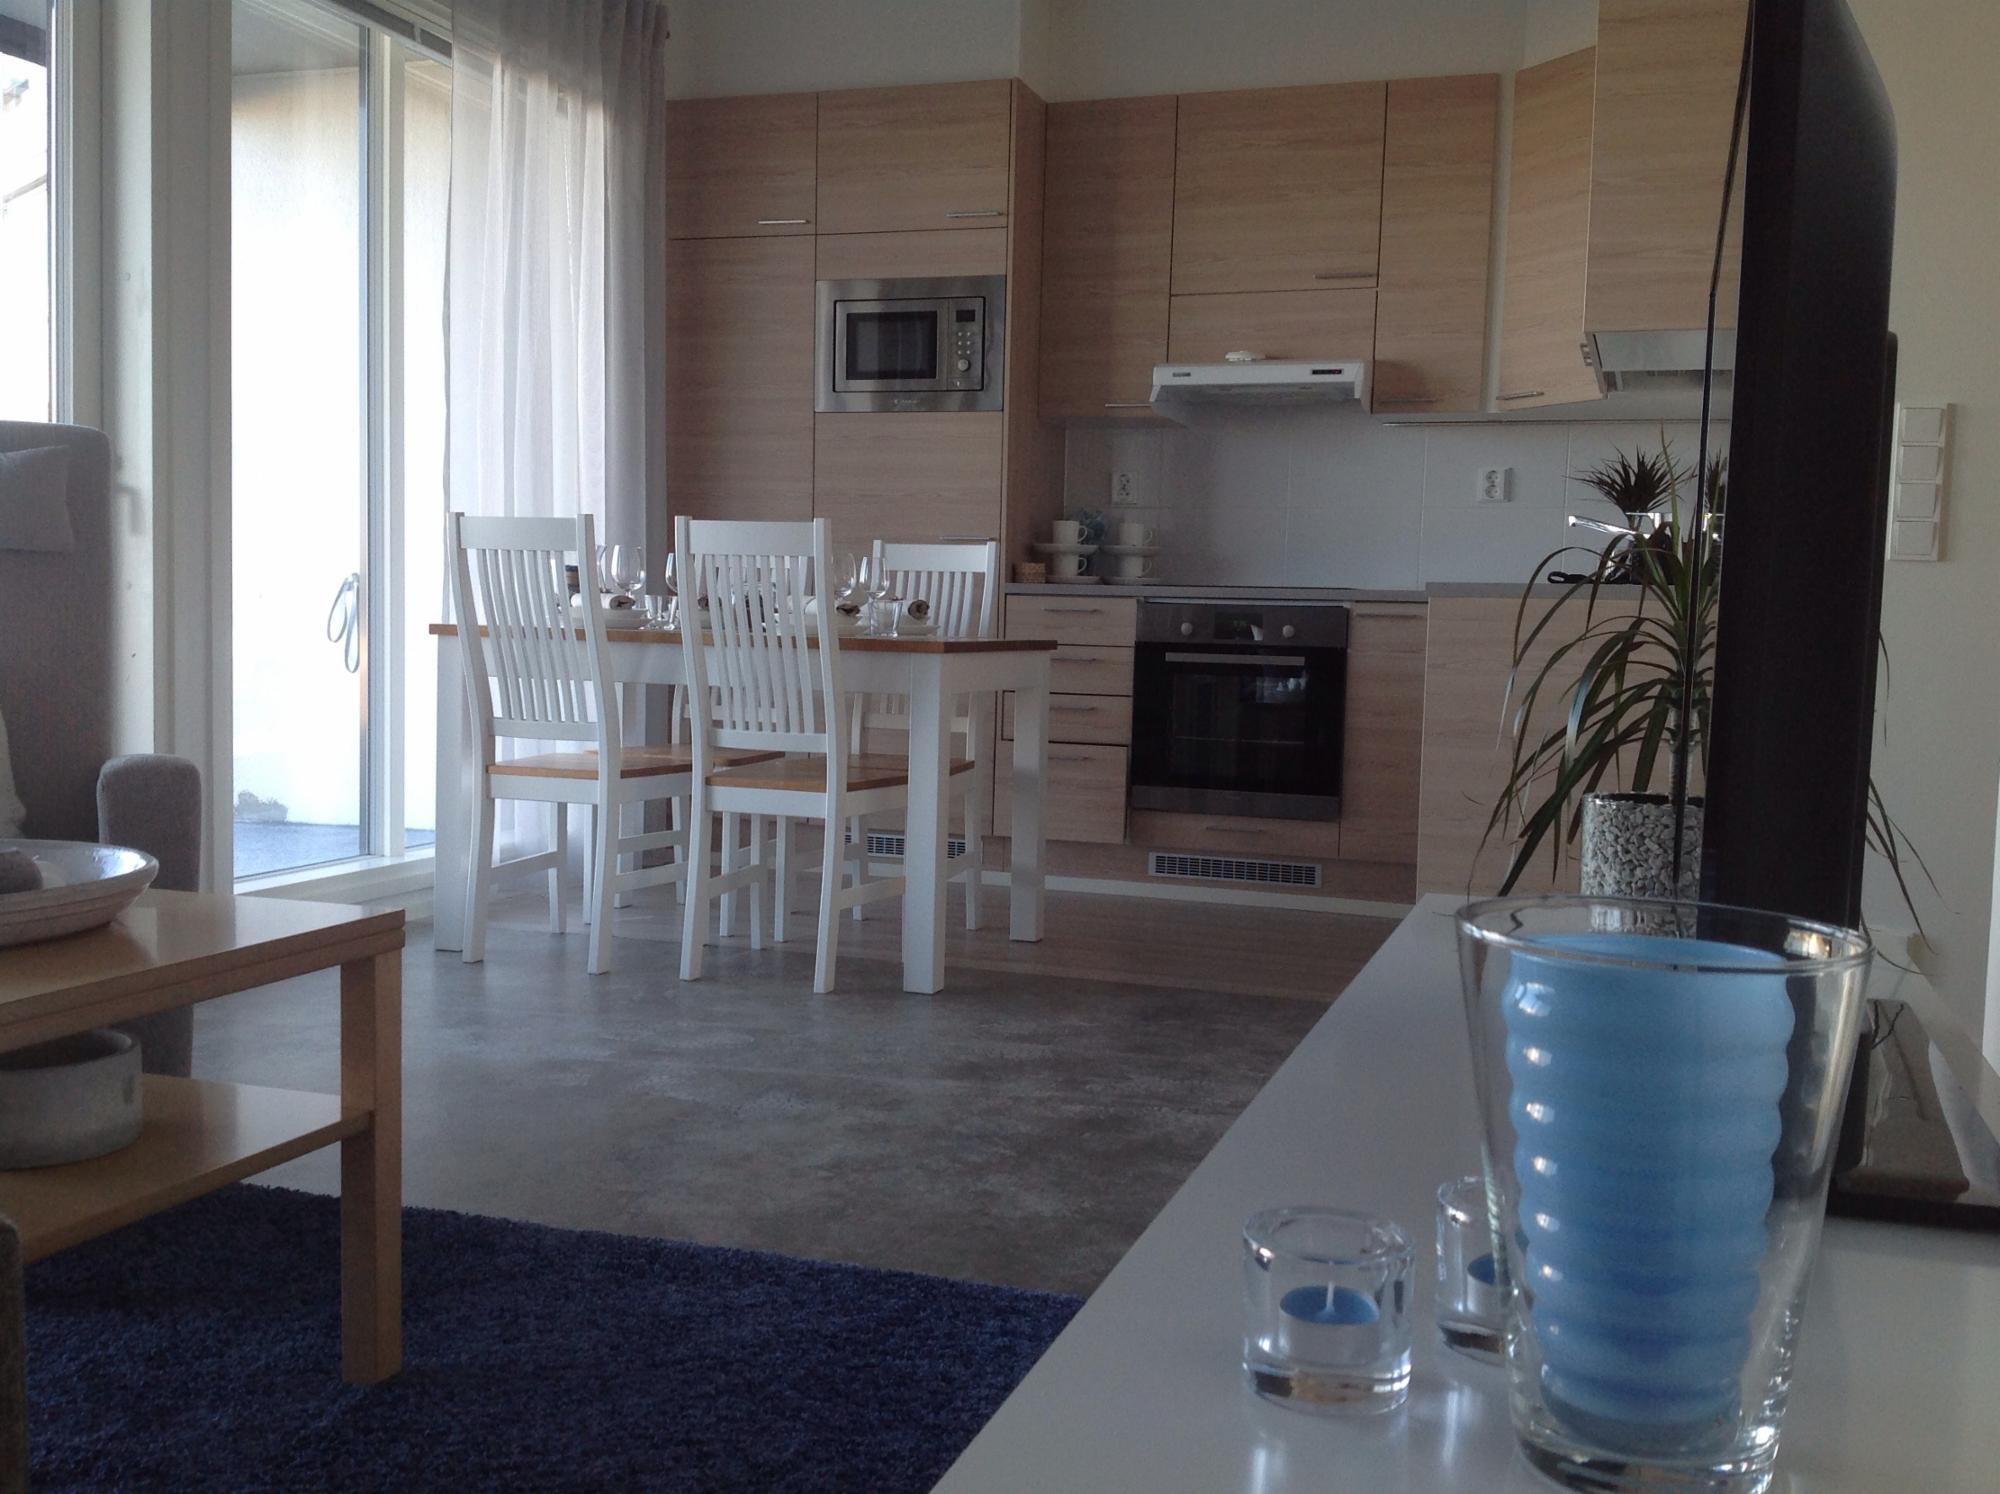 SkiStar 205 Apartment (2+2 hlö, 44m²)